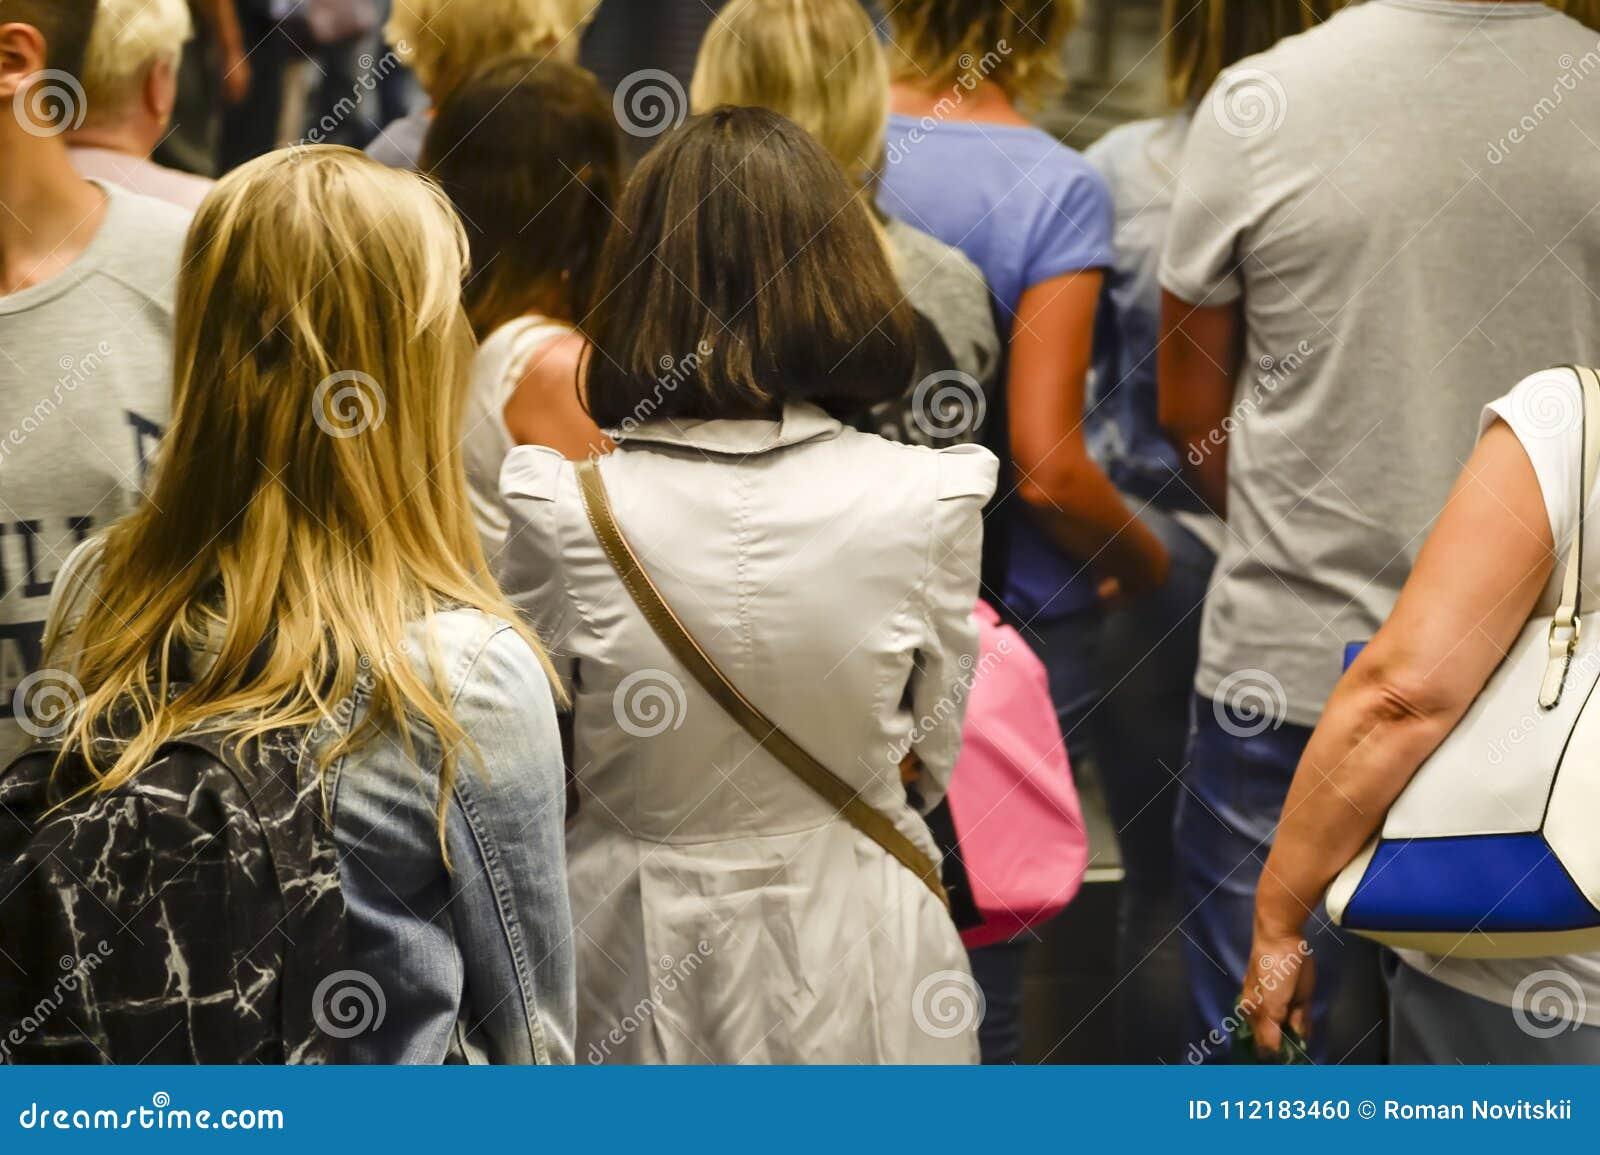 Espera dos povos na linha vista de atrás blurry